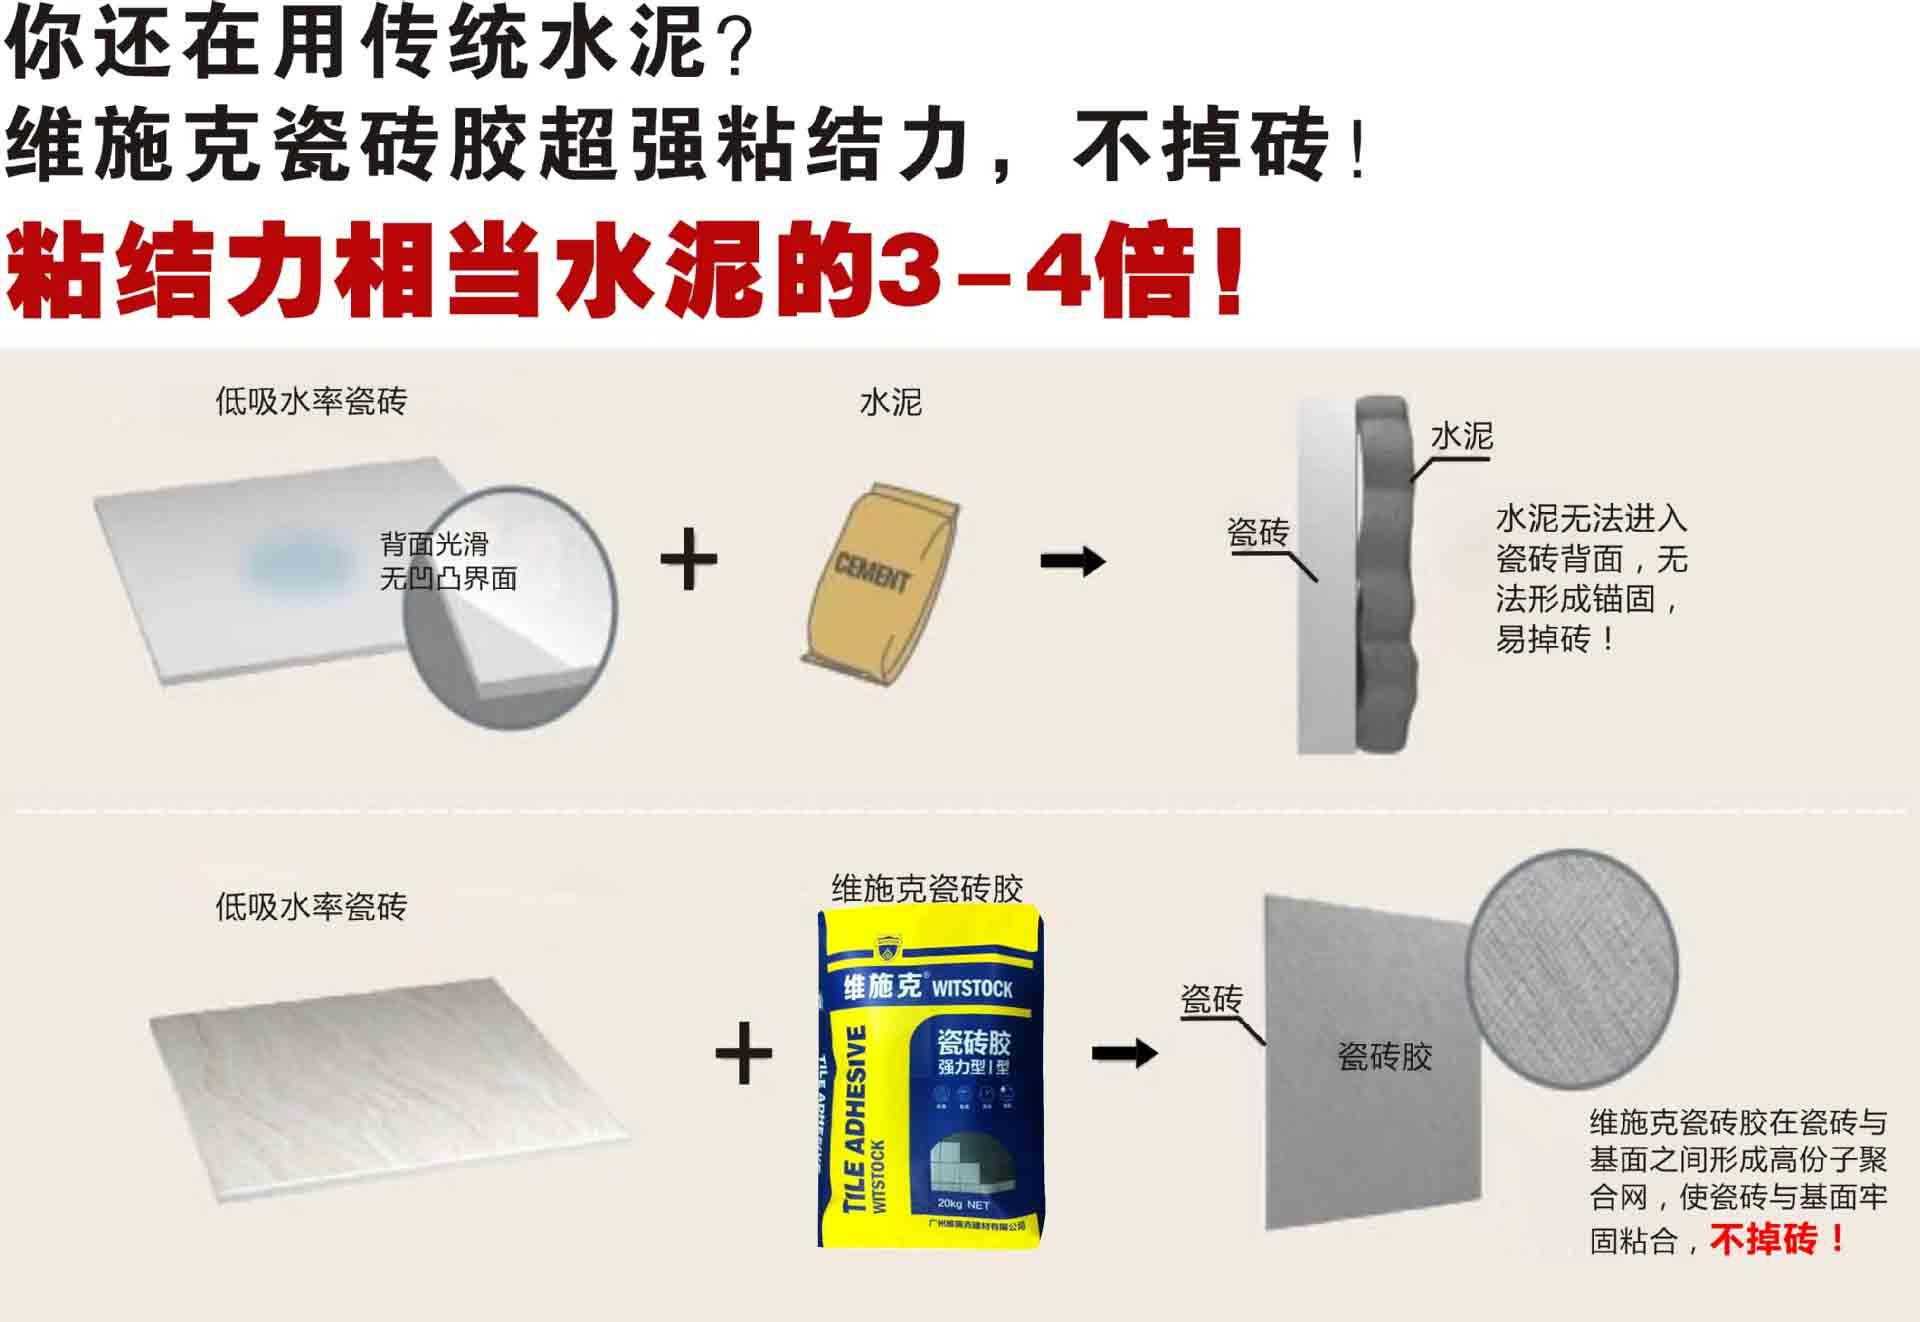 强力型瓷砖胶产品施工结构图2